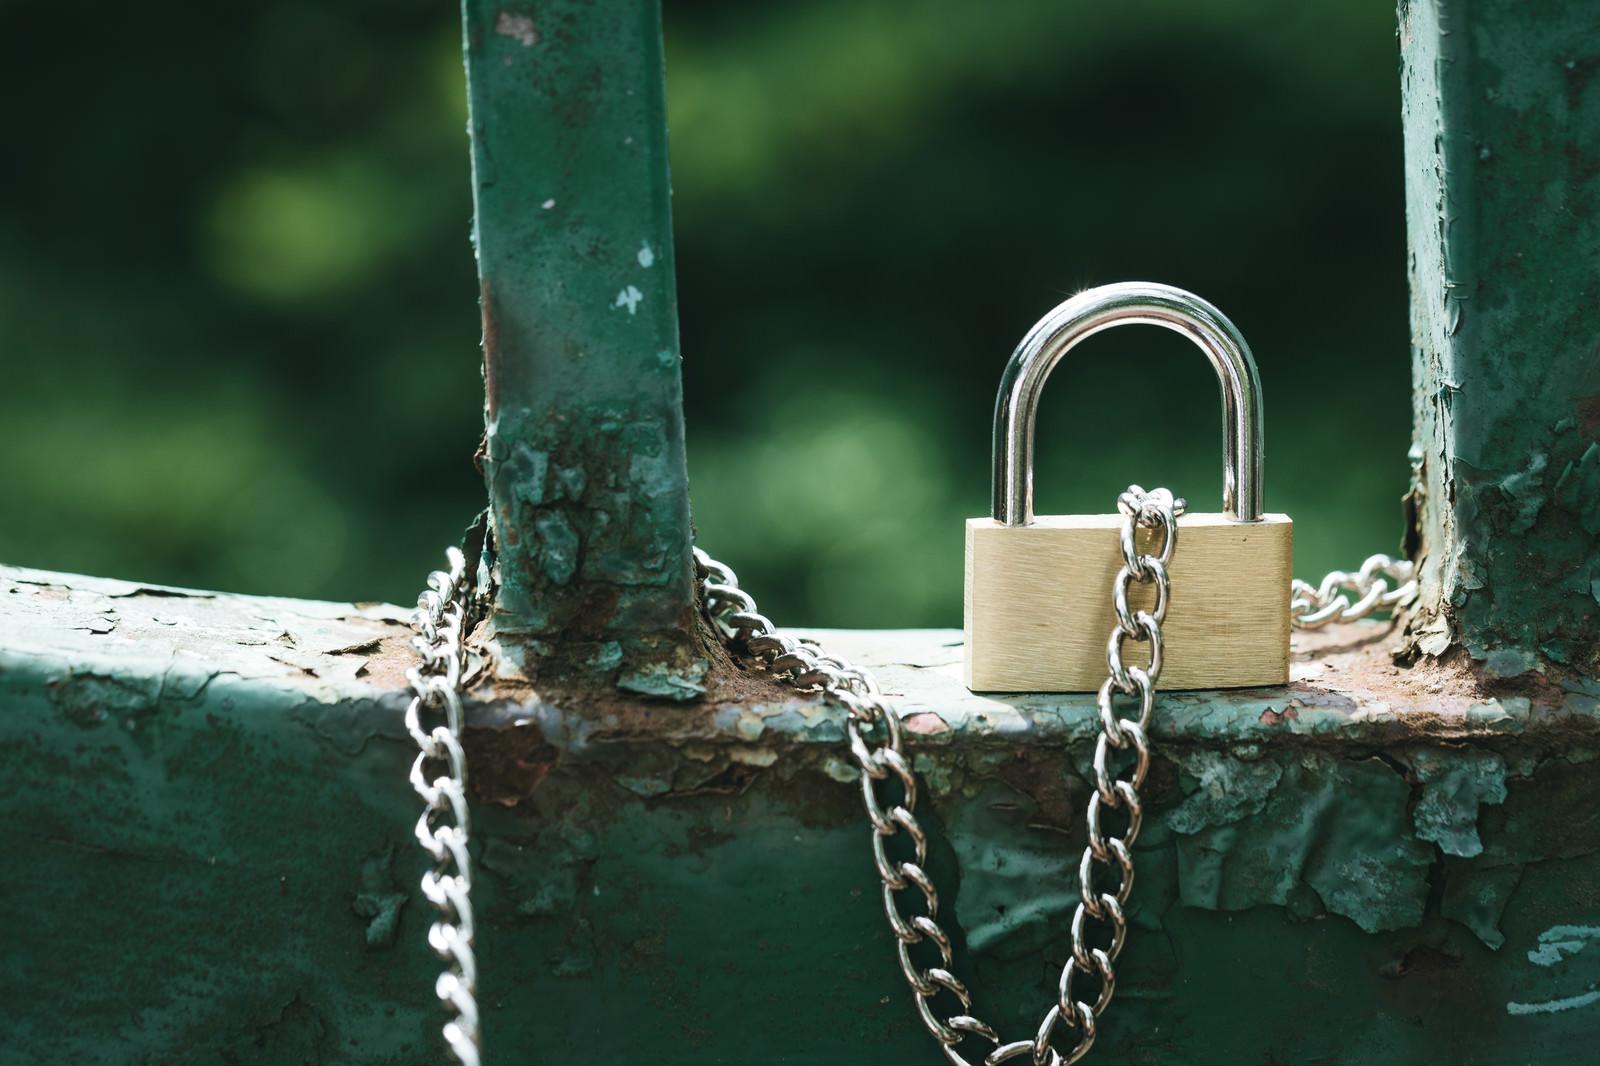 「柵と繋がる南京錠」の写真